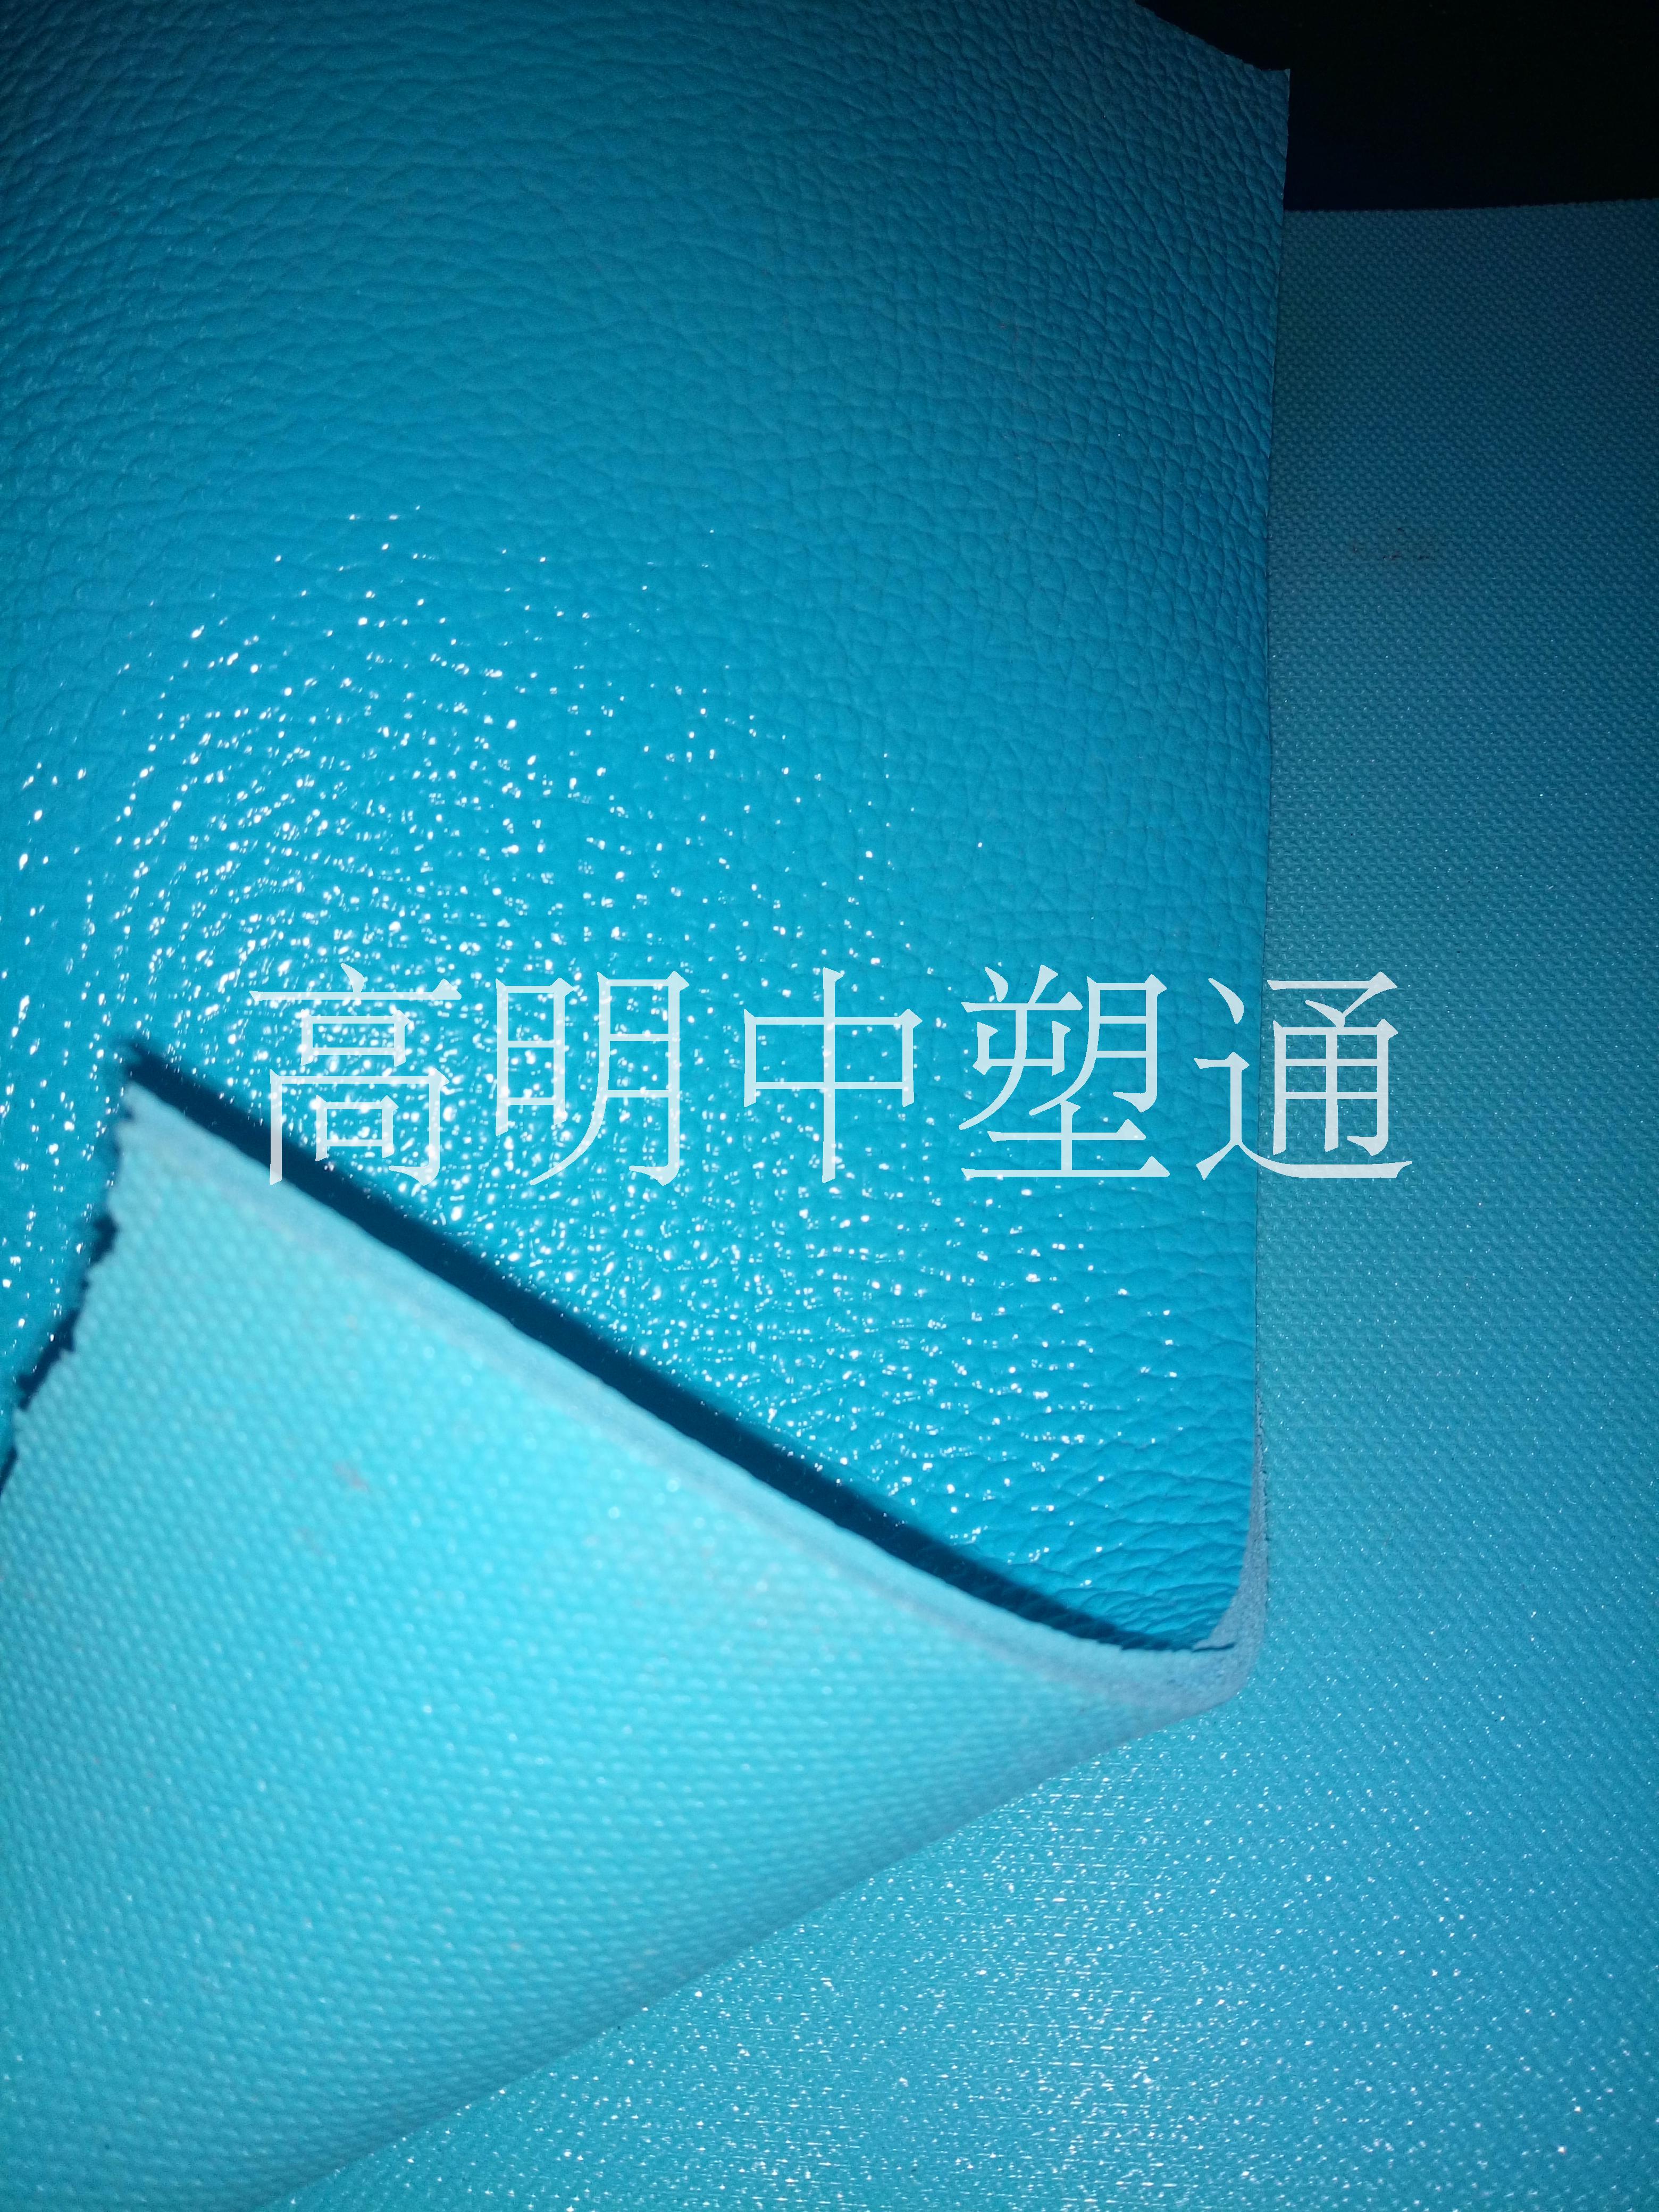 跑步机垫 跑步机垫生产厂家 环保PVC垫制造商